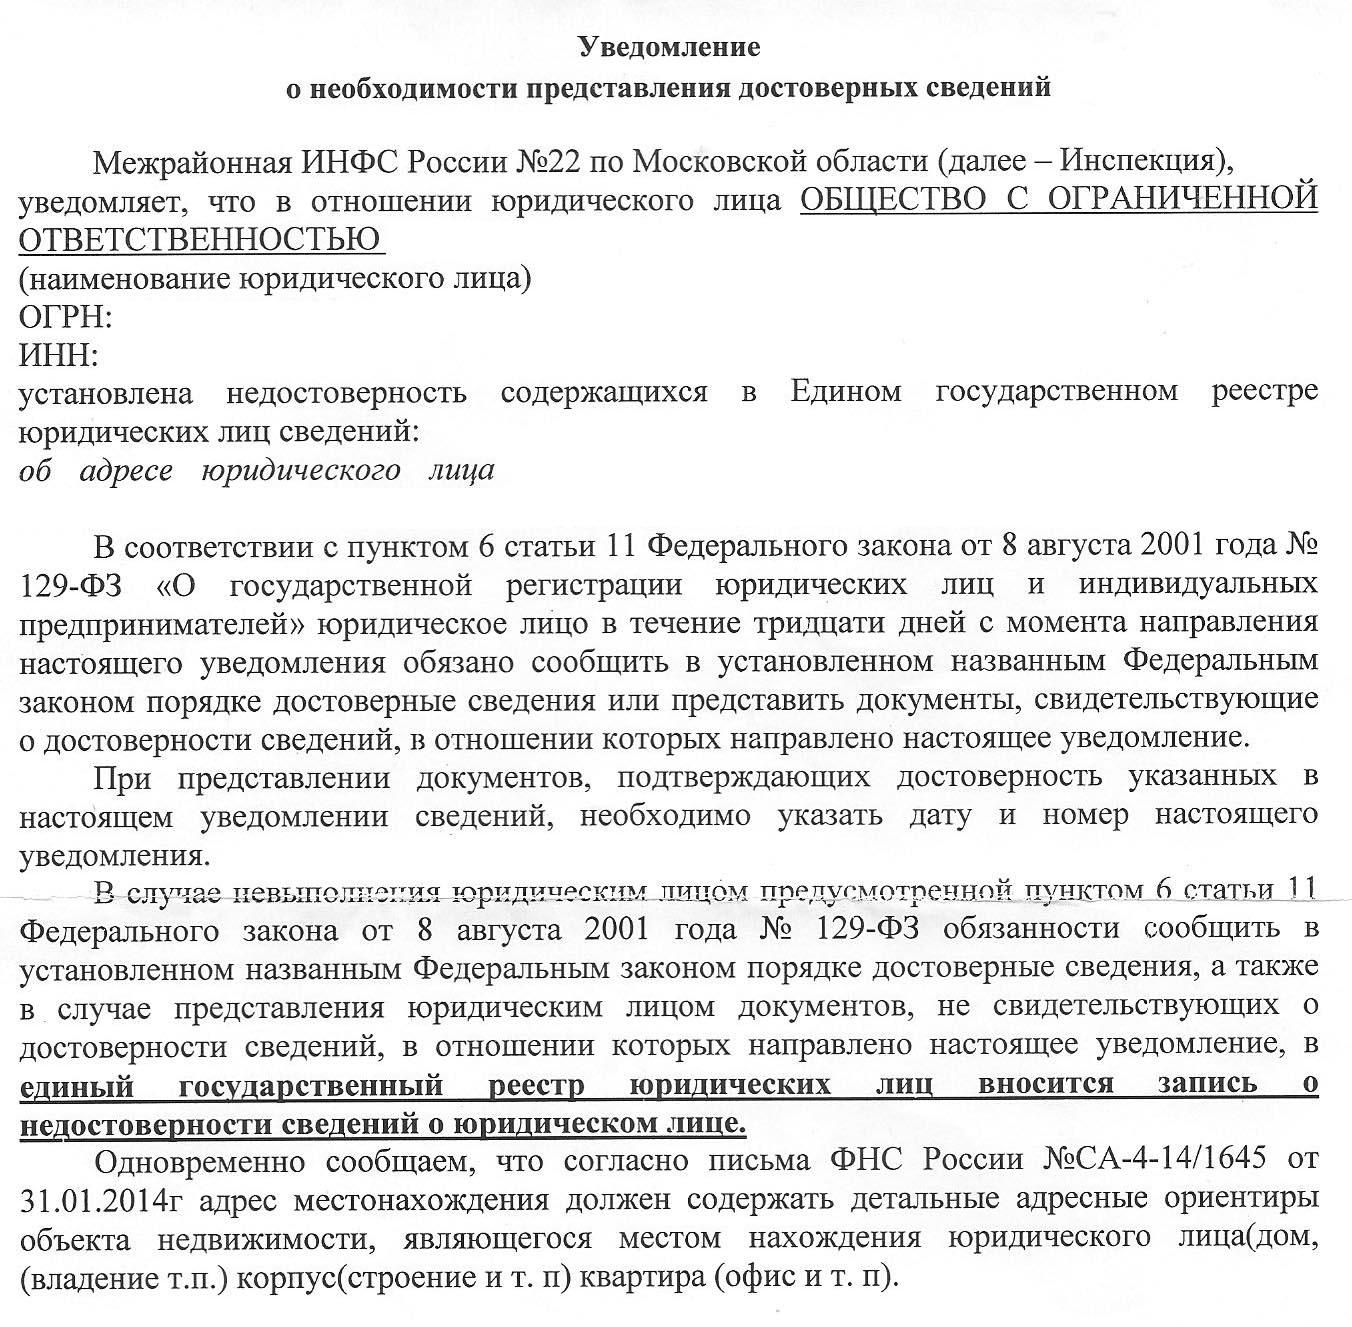 Образец письма ИФНС с требованием предоставления достоверных сведений